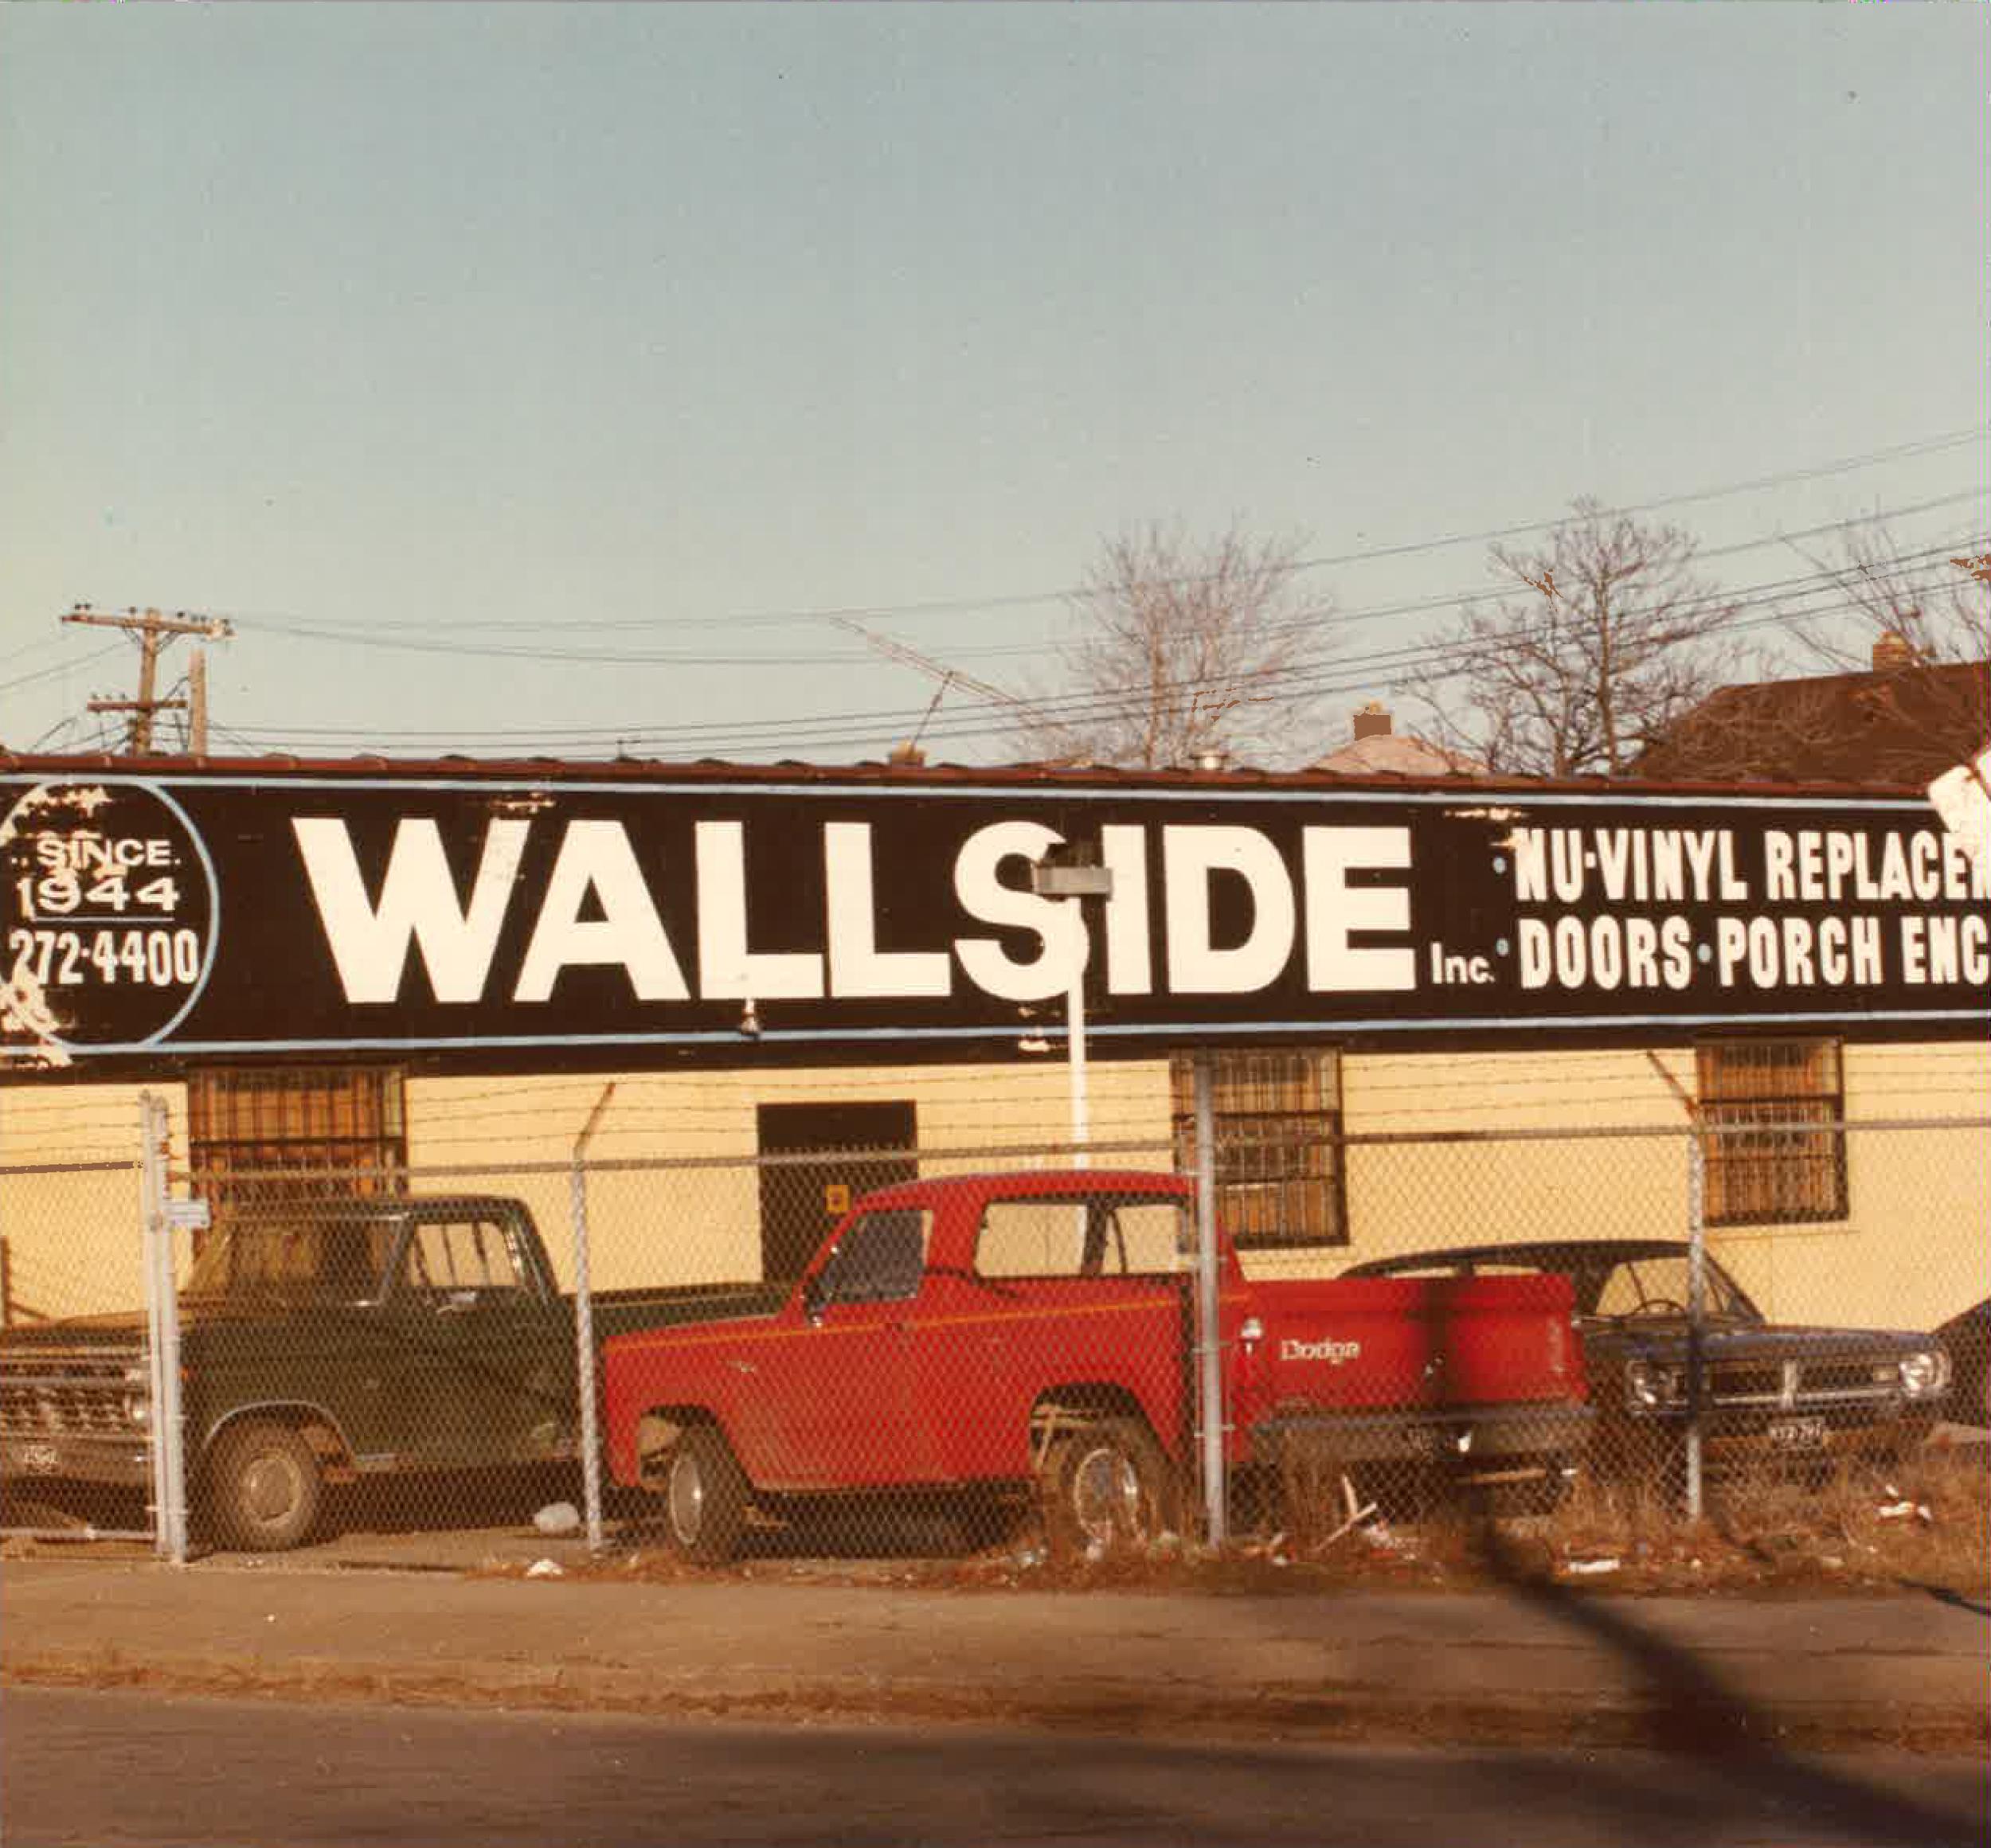 wallside-history-old-factory